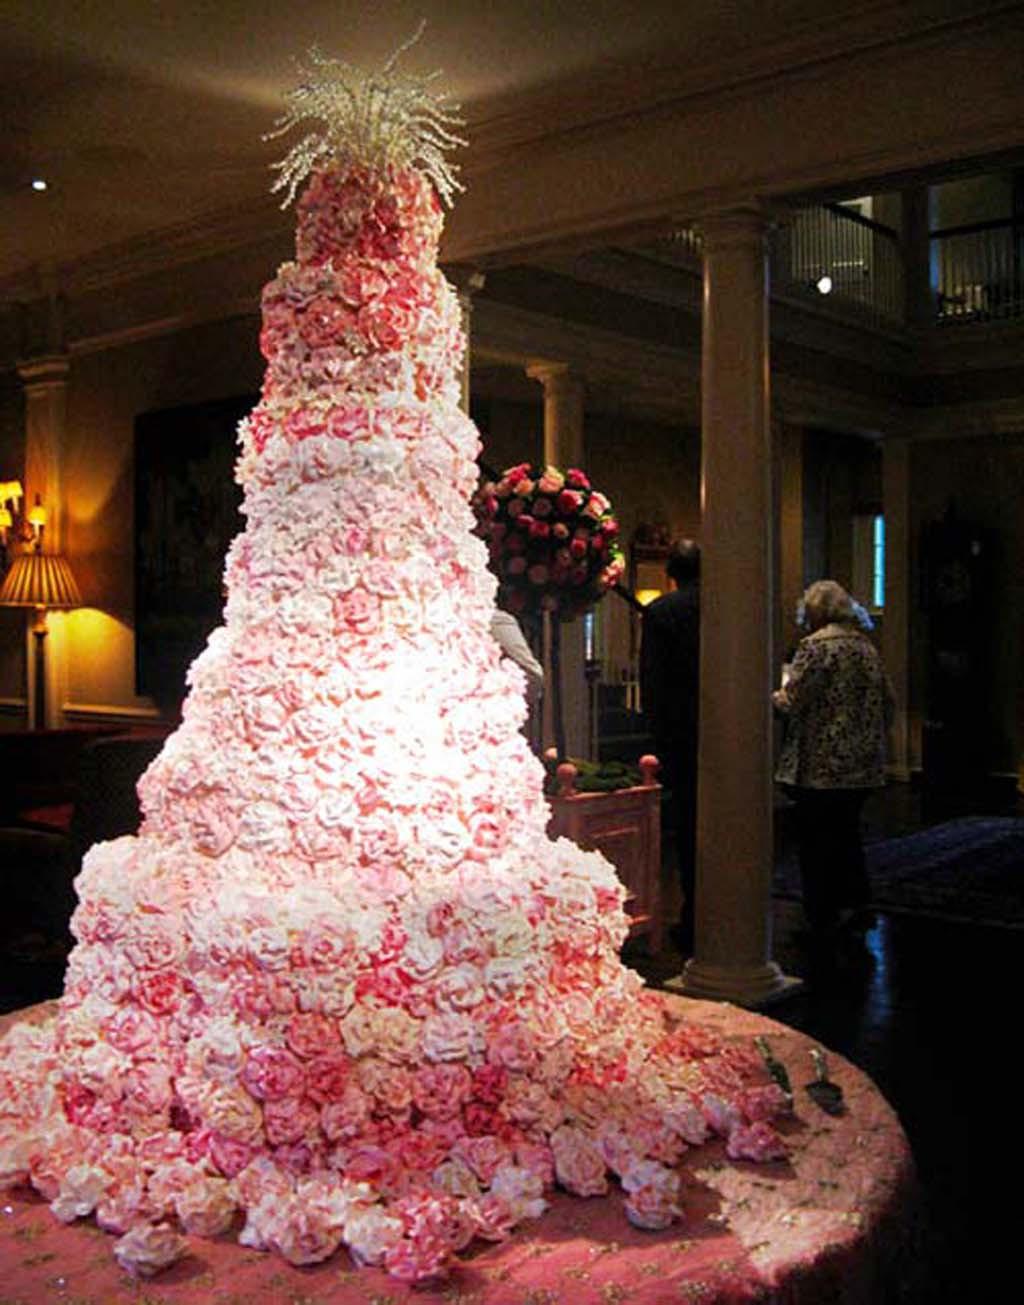 Large Wedding Cakes  Best wedding cakes ever wallpaper 4 wedding cakes wedding